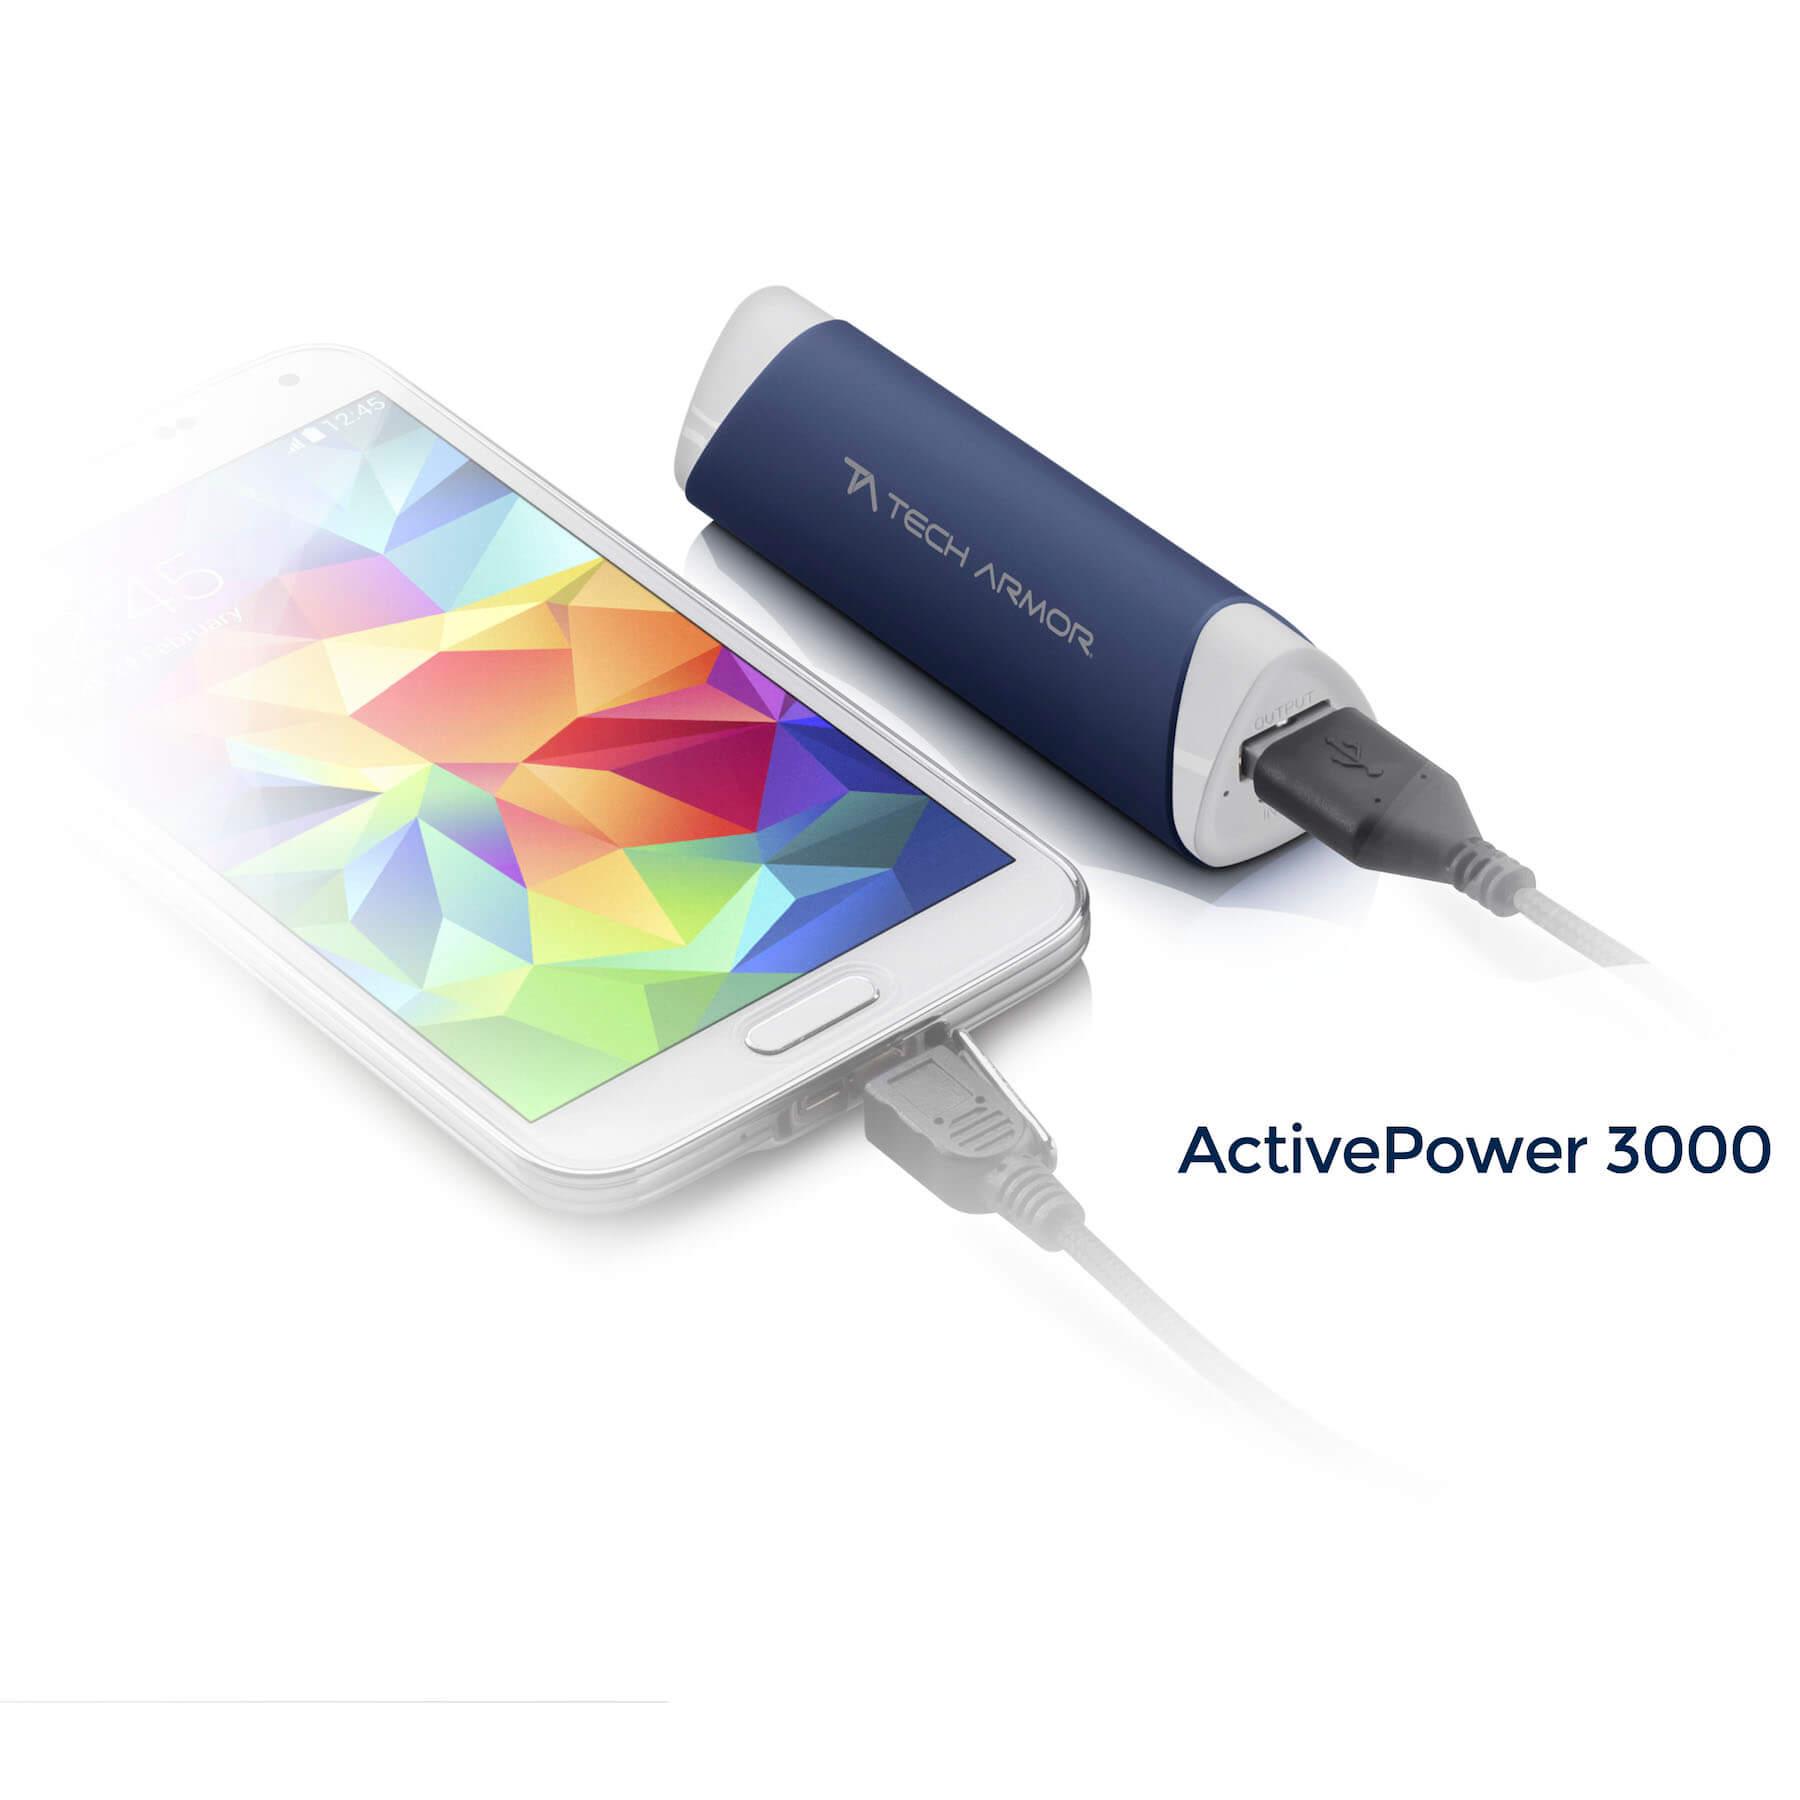 ACTIVEPOWER 3000